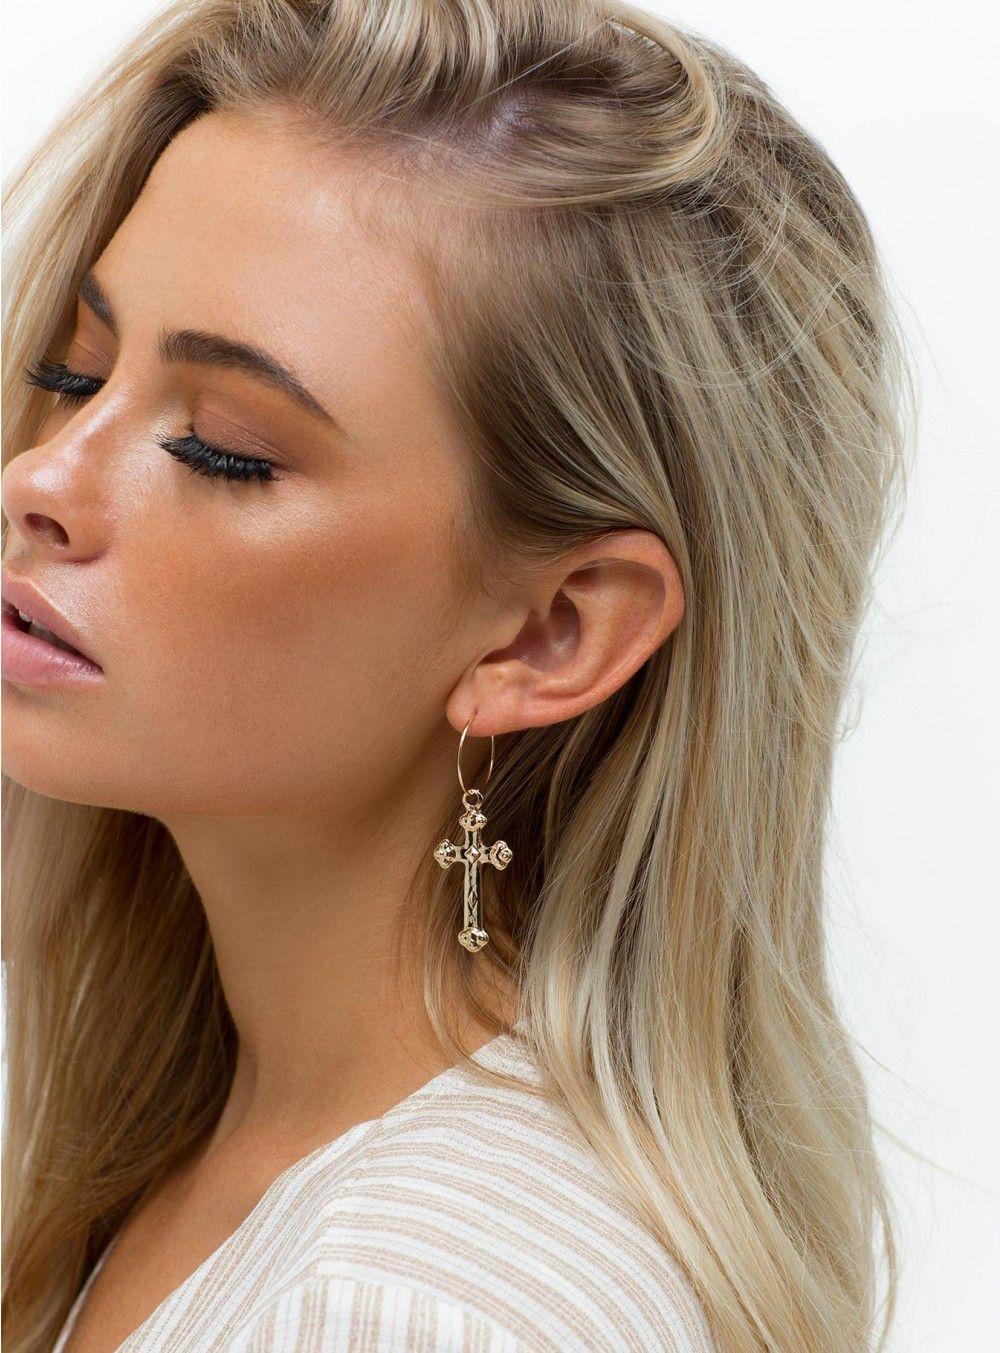 Del Ray Cross Earrings Gold One Size / Gold Cross